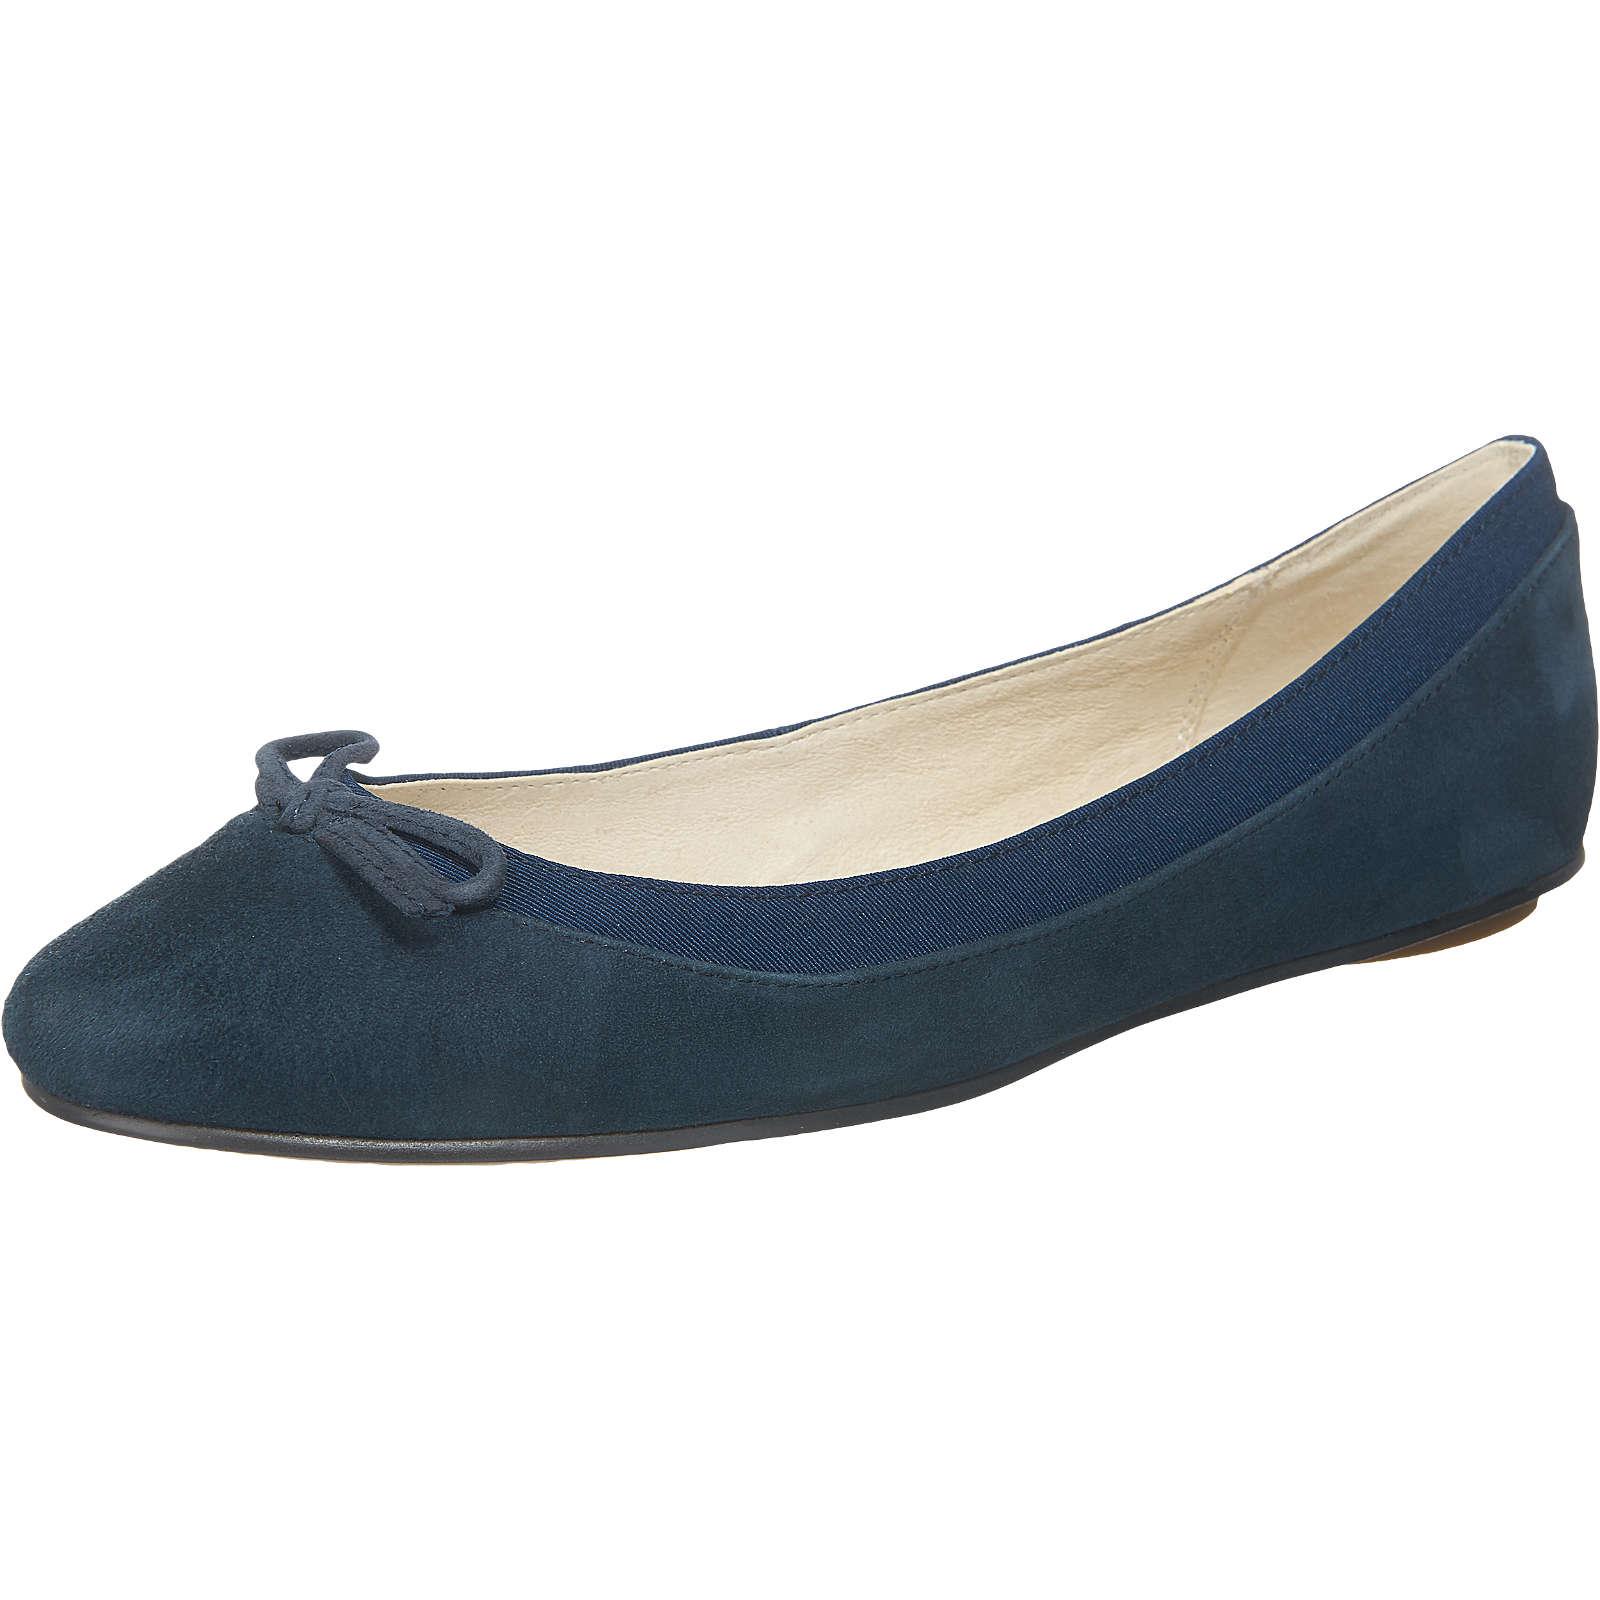 BUFFALO Ballerinas dunkelblau Damen Gr. 40